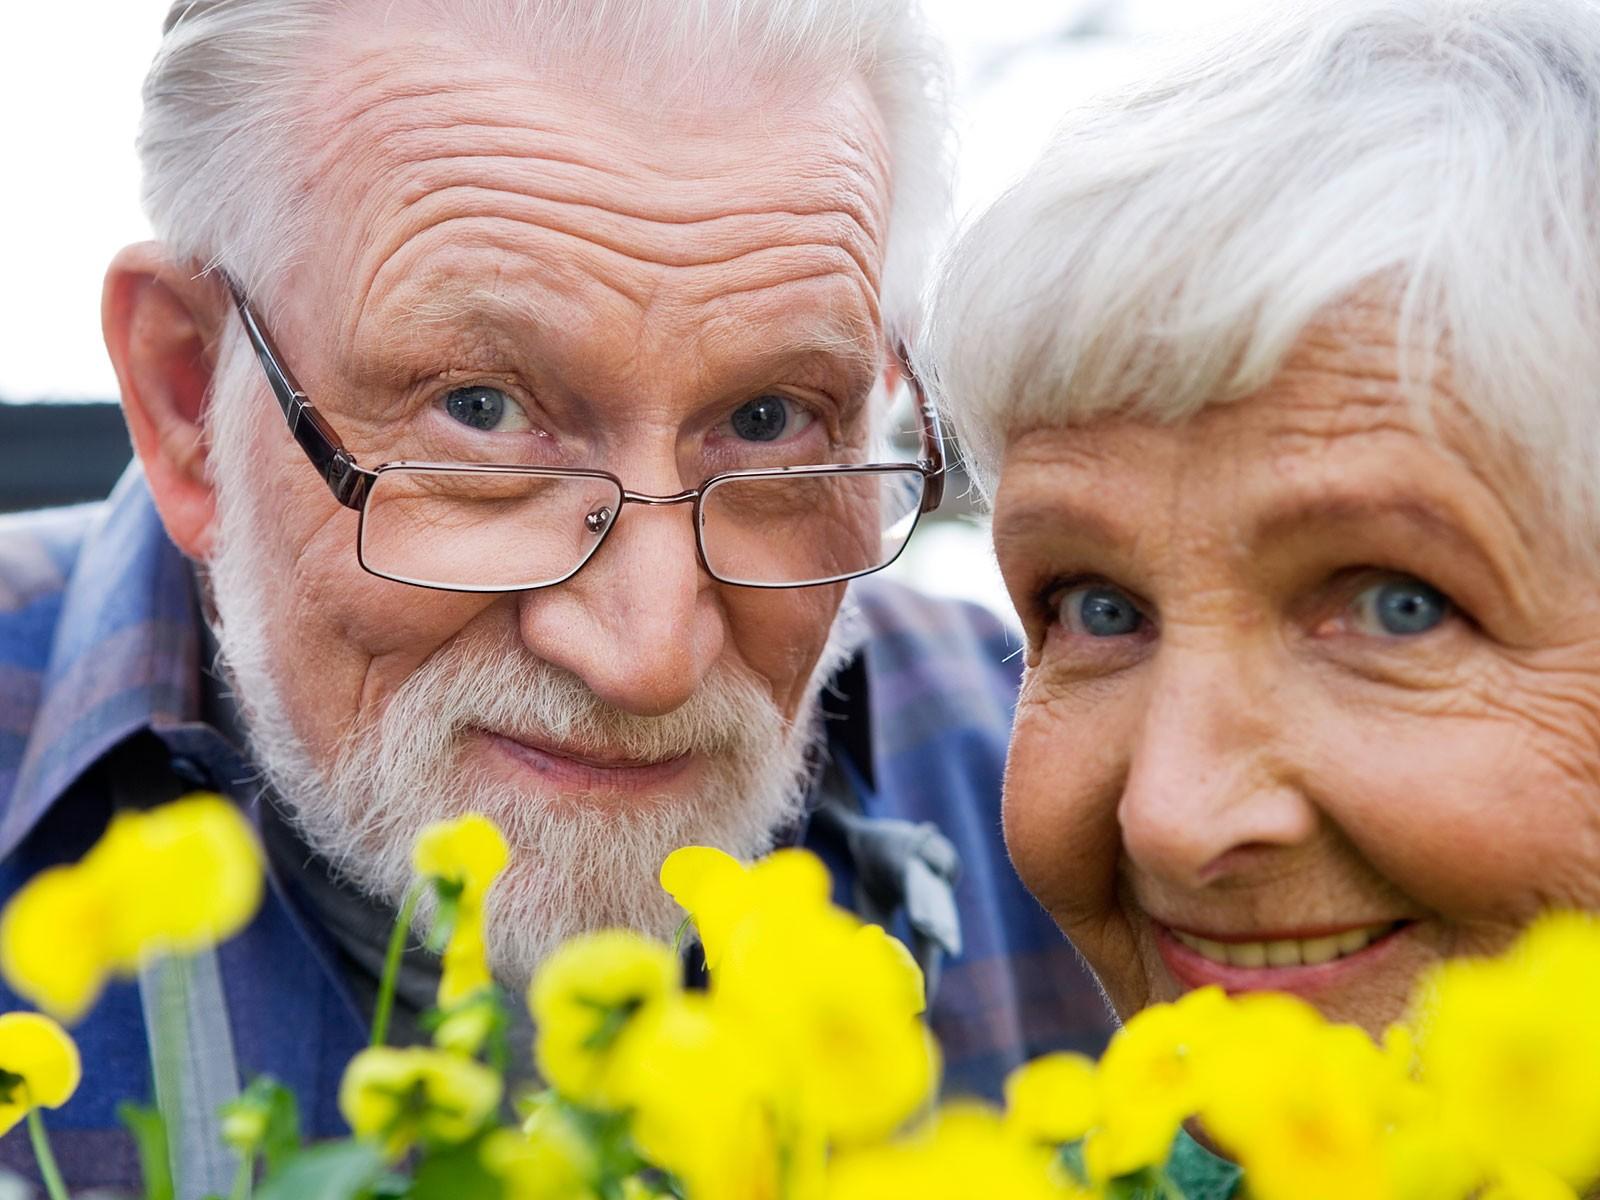 В пожилом возрасте полезно использовать витаминные капли для глаз